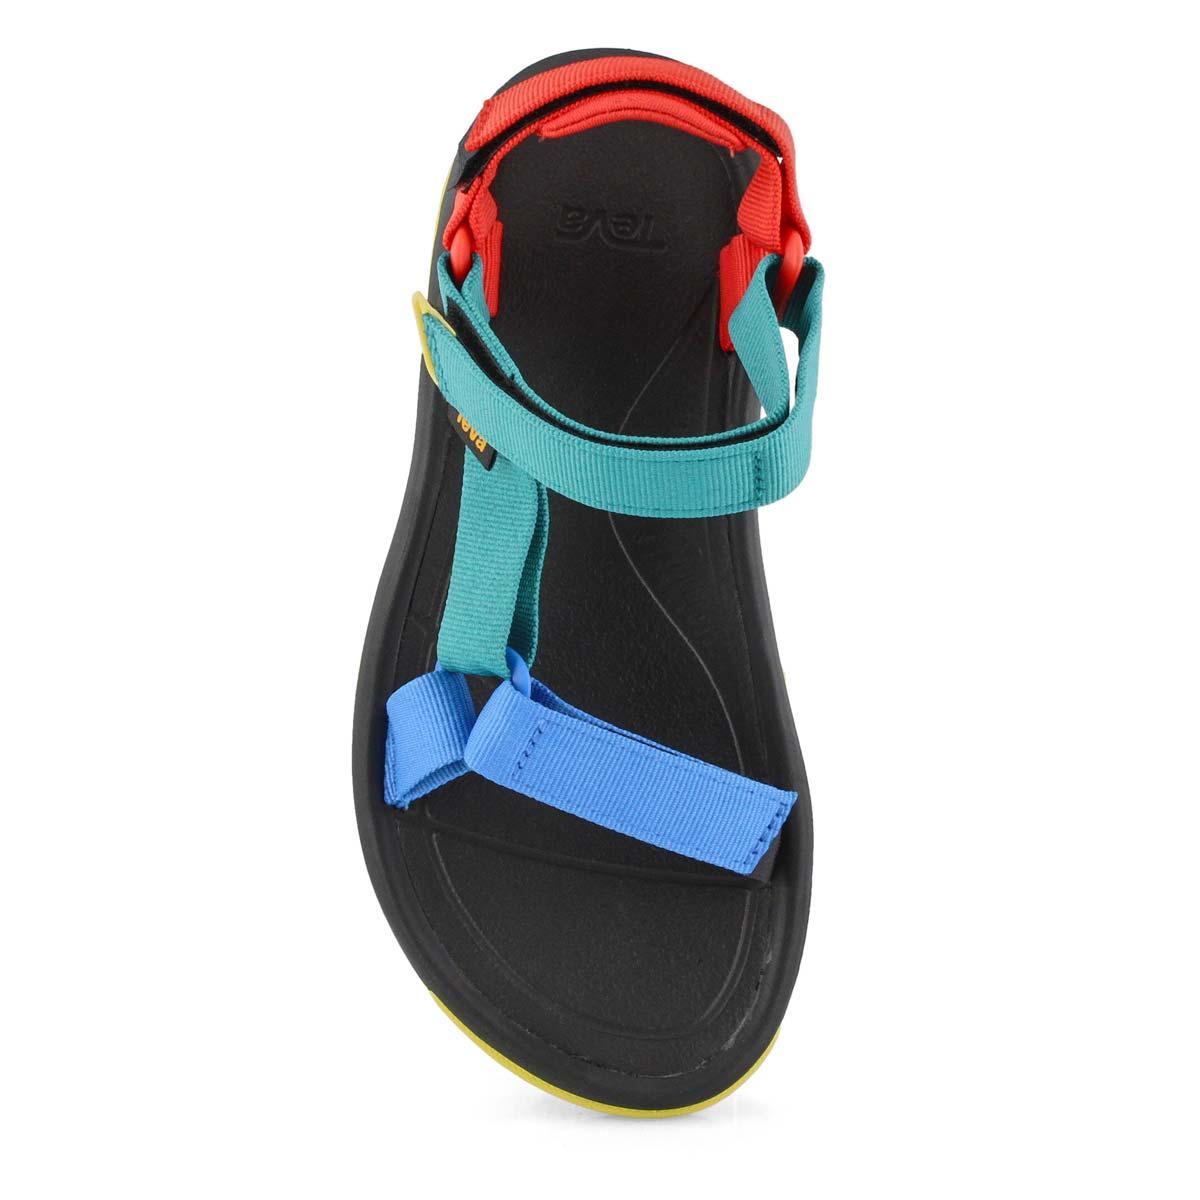 Lds Hurricane XLT2 90s mlti sport sandal